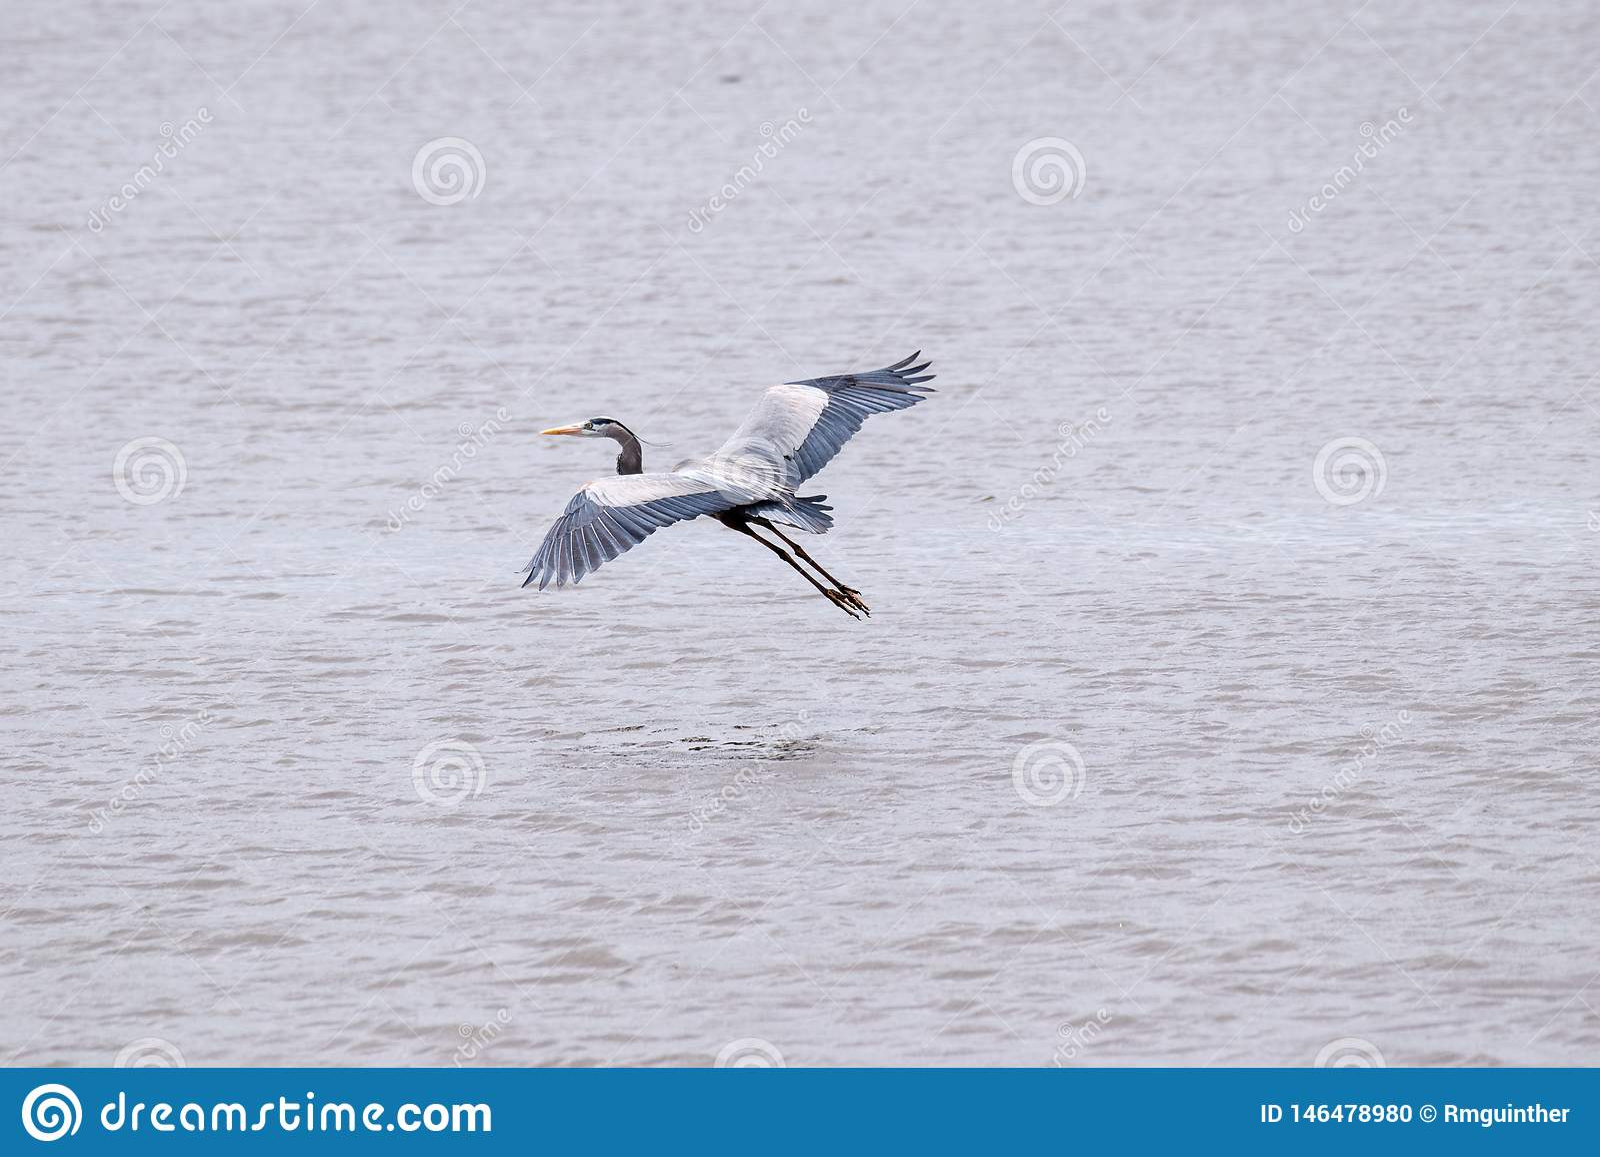 Grande airone blu decollato in volo da un lago